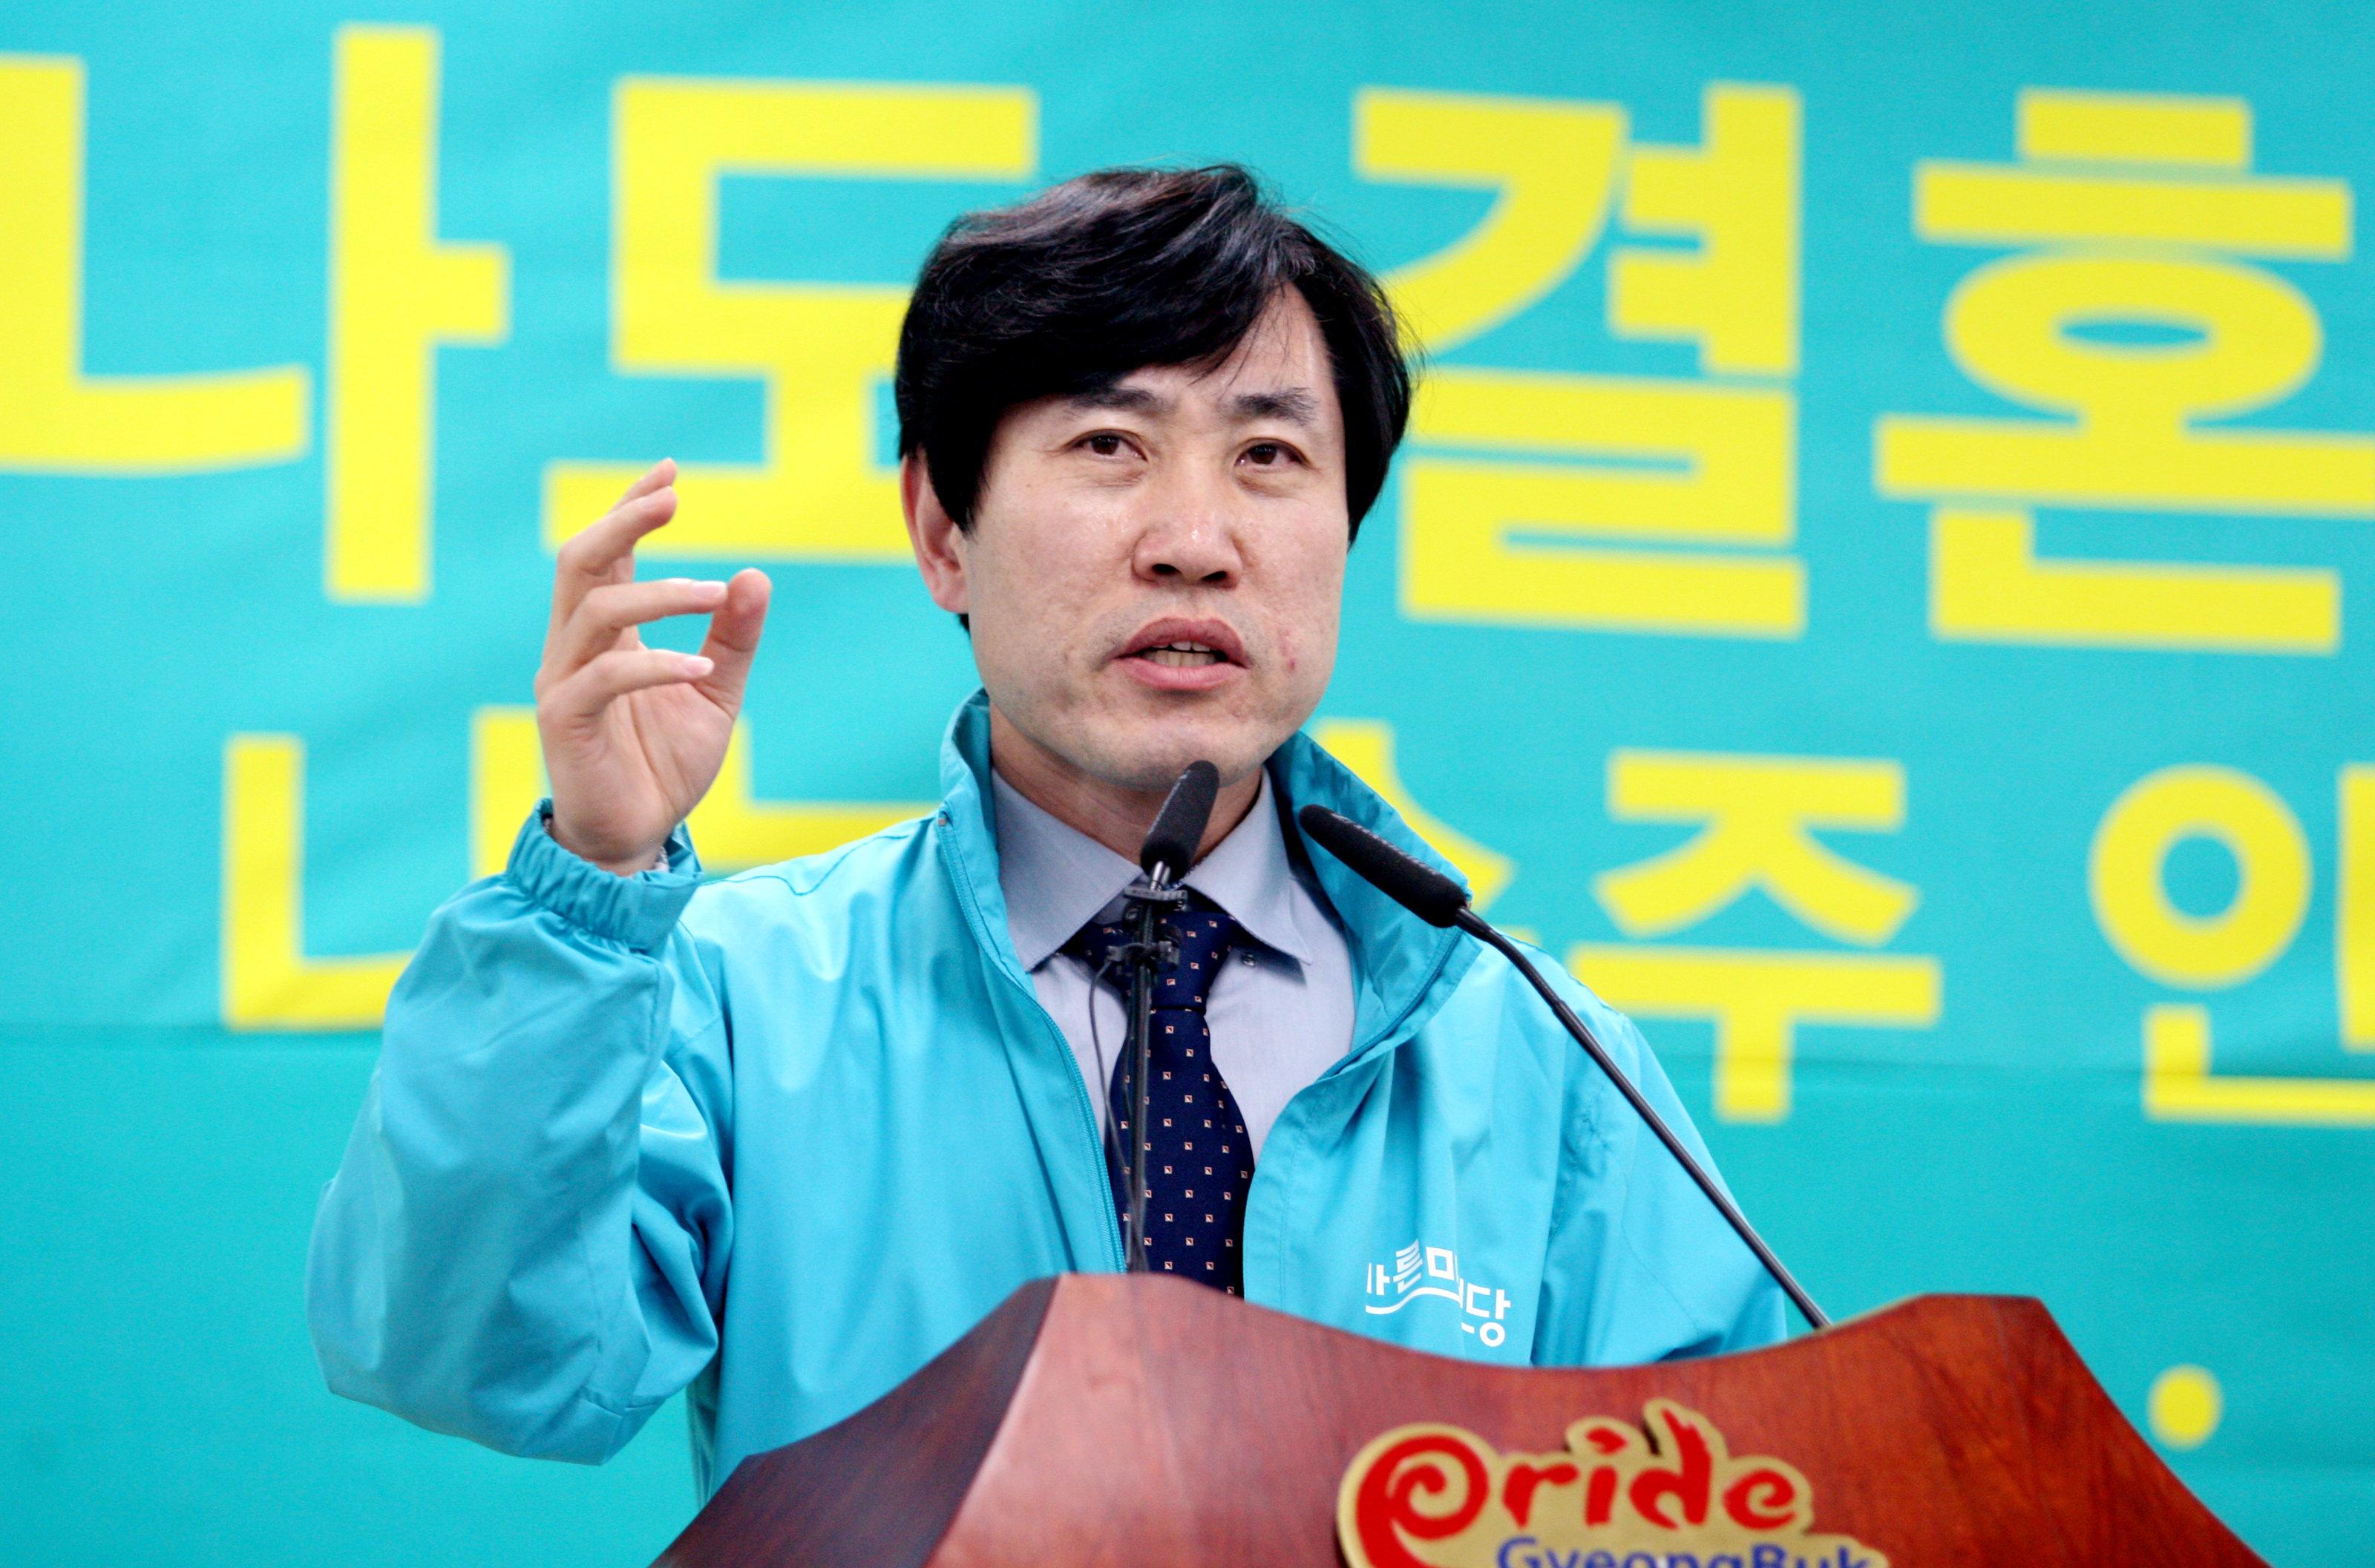 '위장평화쇼'라고 폄하한 홍준표에 대해 날선 비판이 나오고 있다